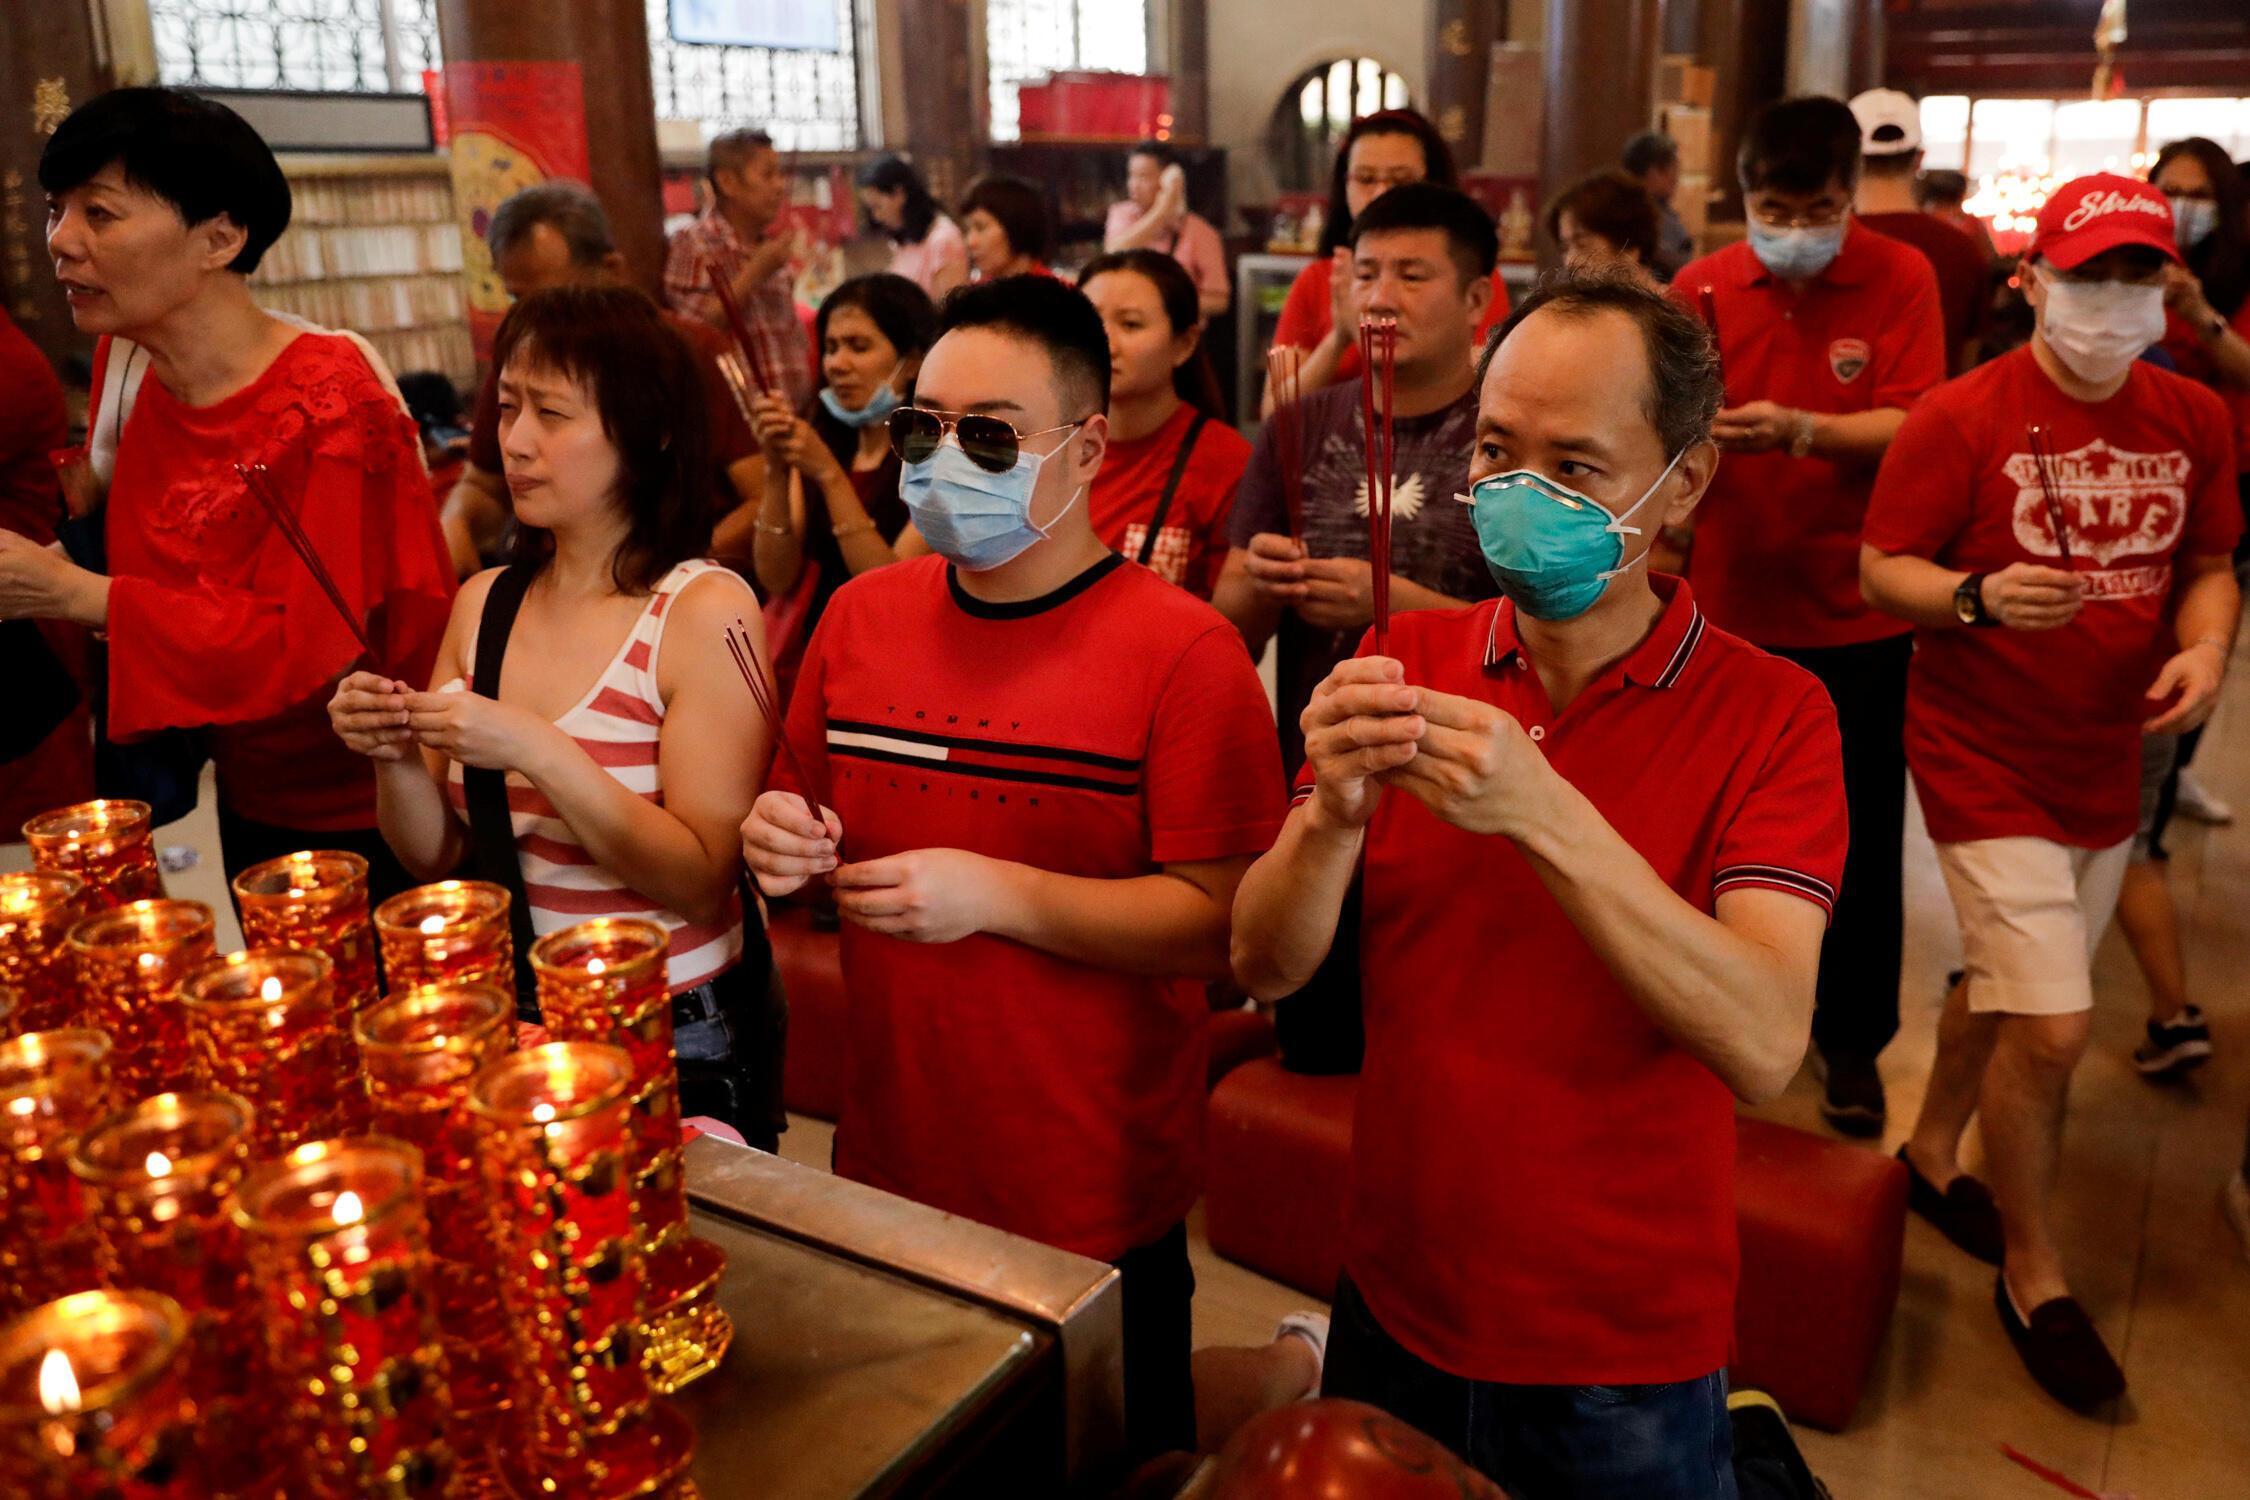 菲律賓首都馬尼拉一唐人街農曆新年活動2020年1月25日。